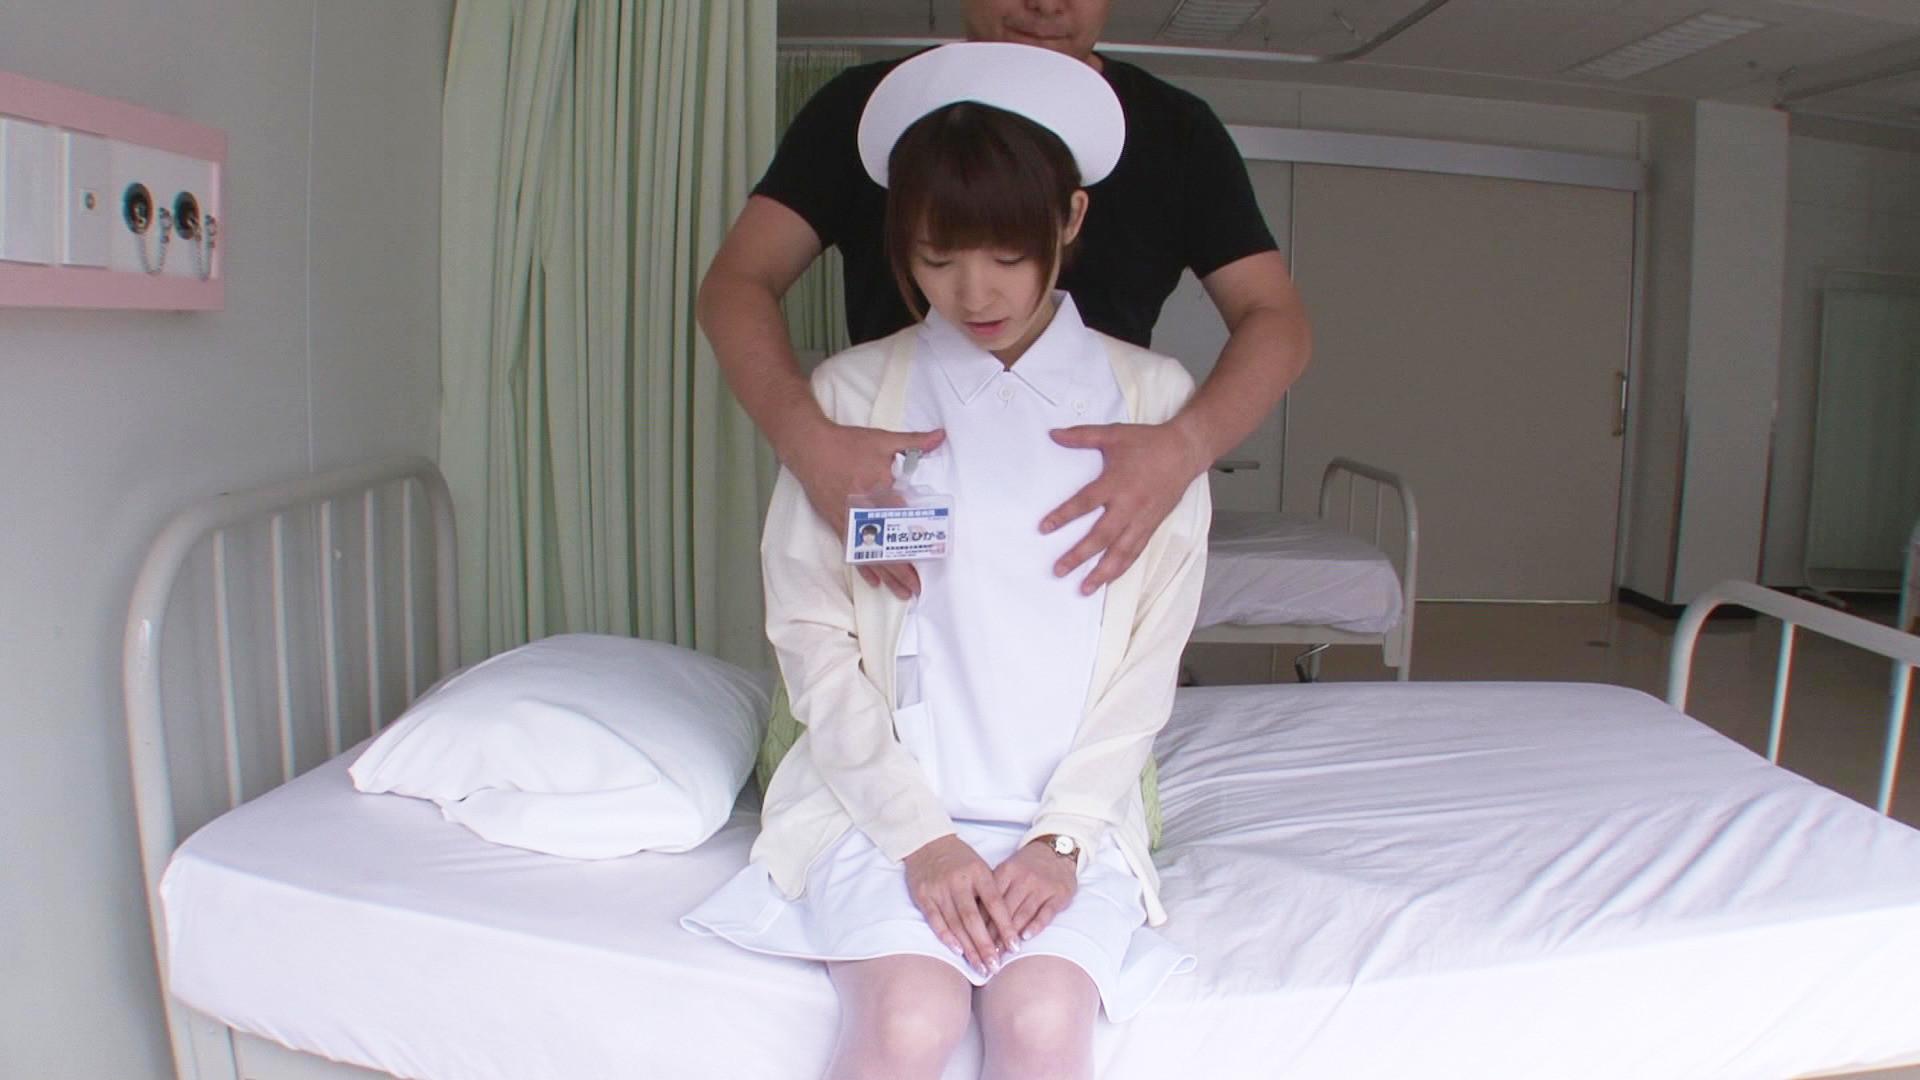 美乳看護師さんがそのムラムラさせるカラダで僕の溜まった性欲を受け止めてくれました~!